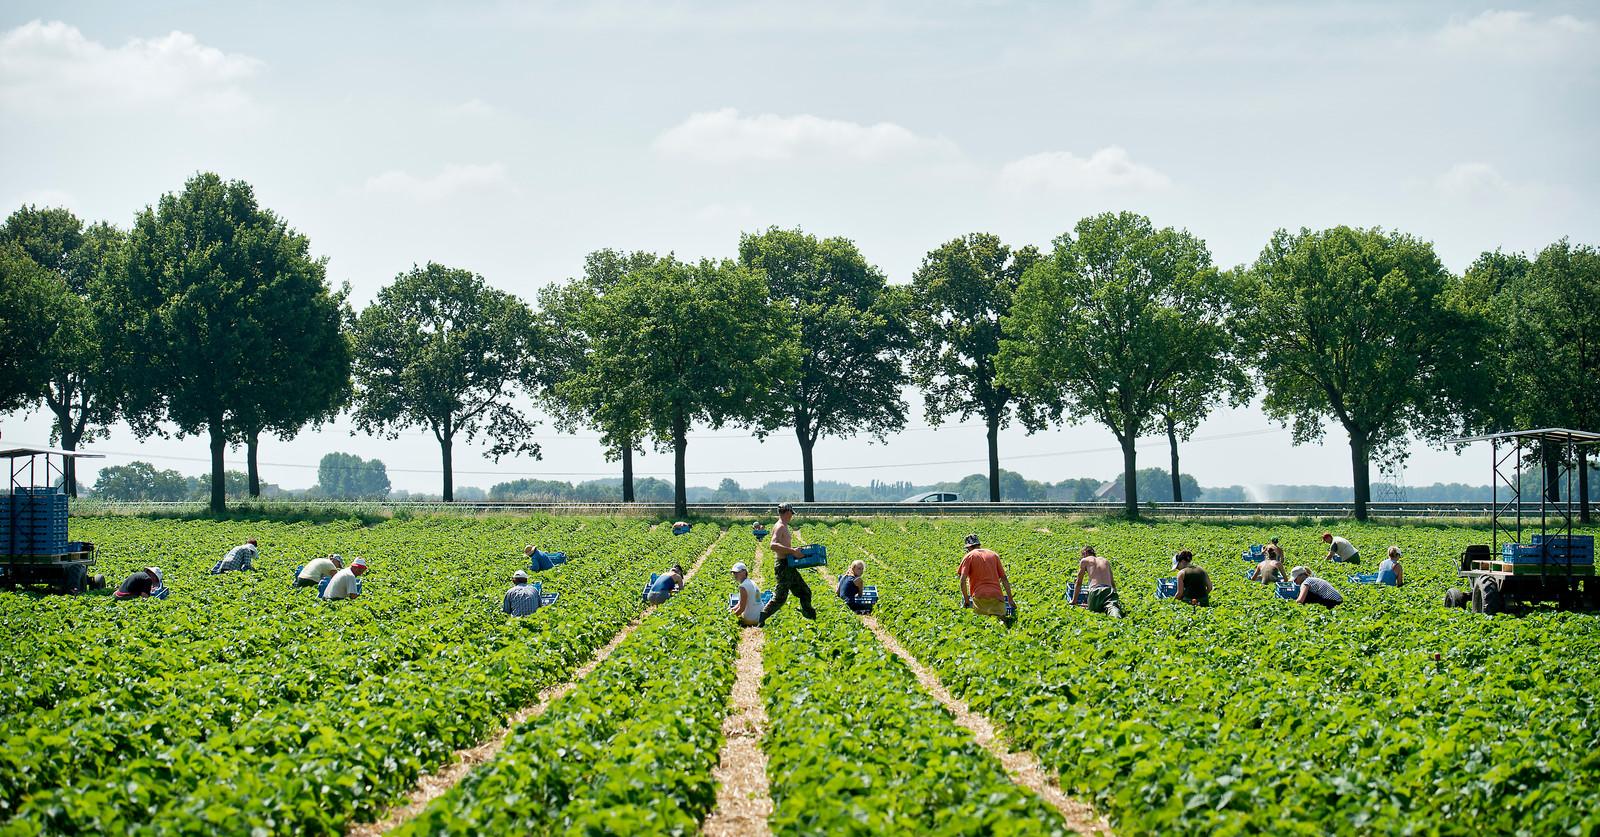 Poolse seizoensarbeiders oogsten aardbeien bij landbouwbedrijf Aan d'n Akker in Wouw.